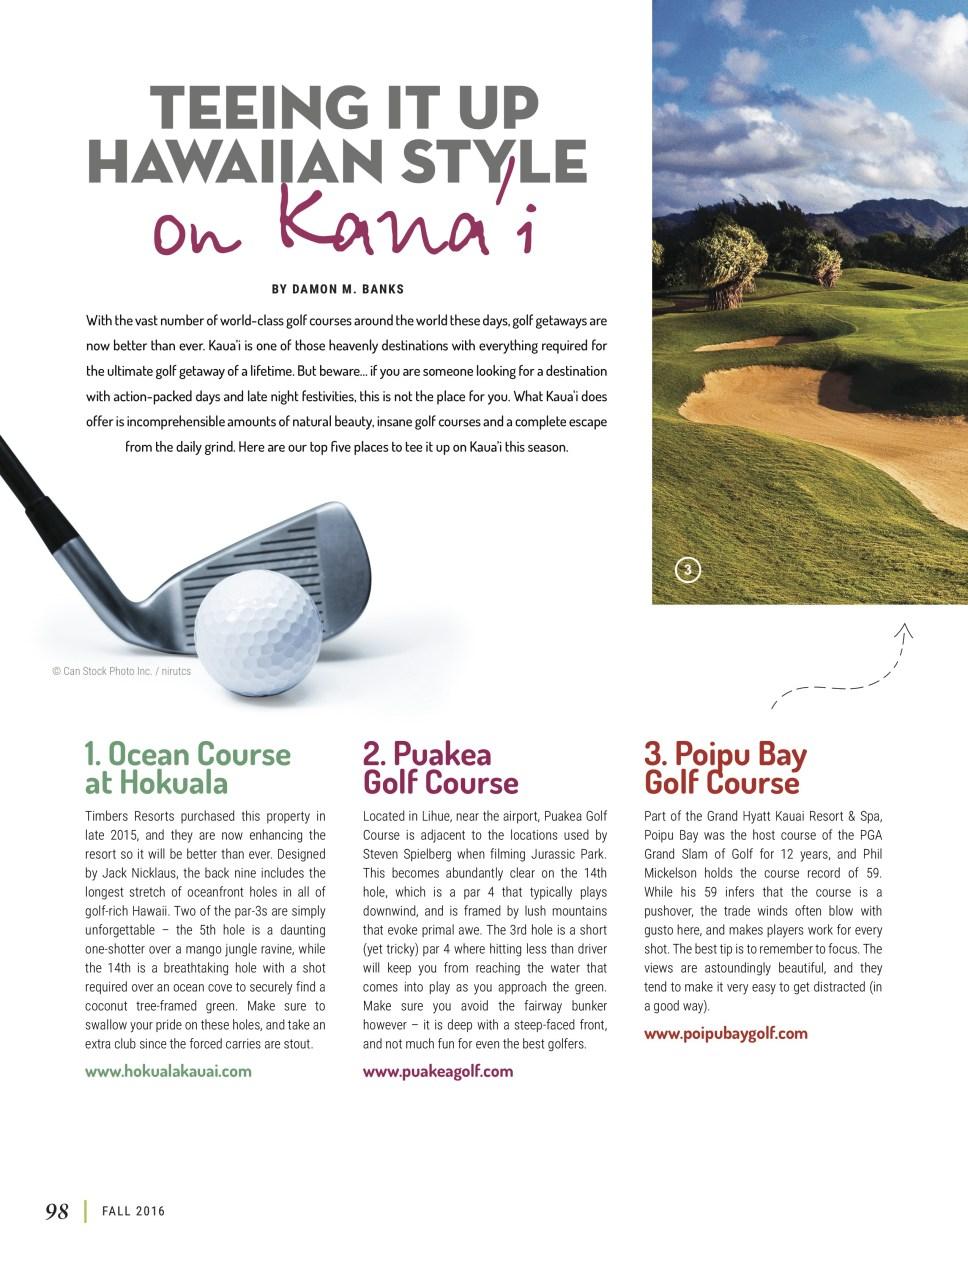 luxegetaways_fall2016_hawaii-golf_1